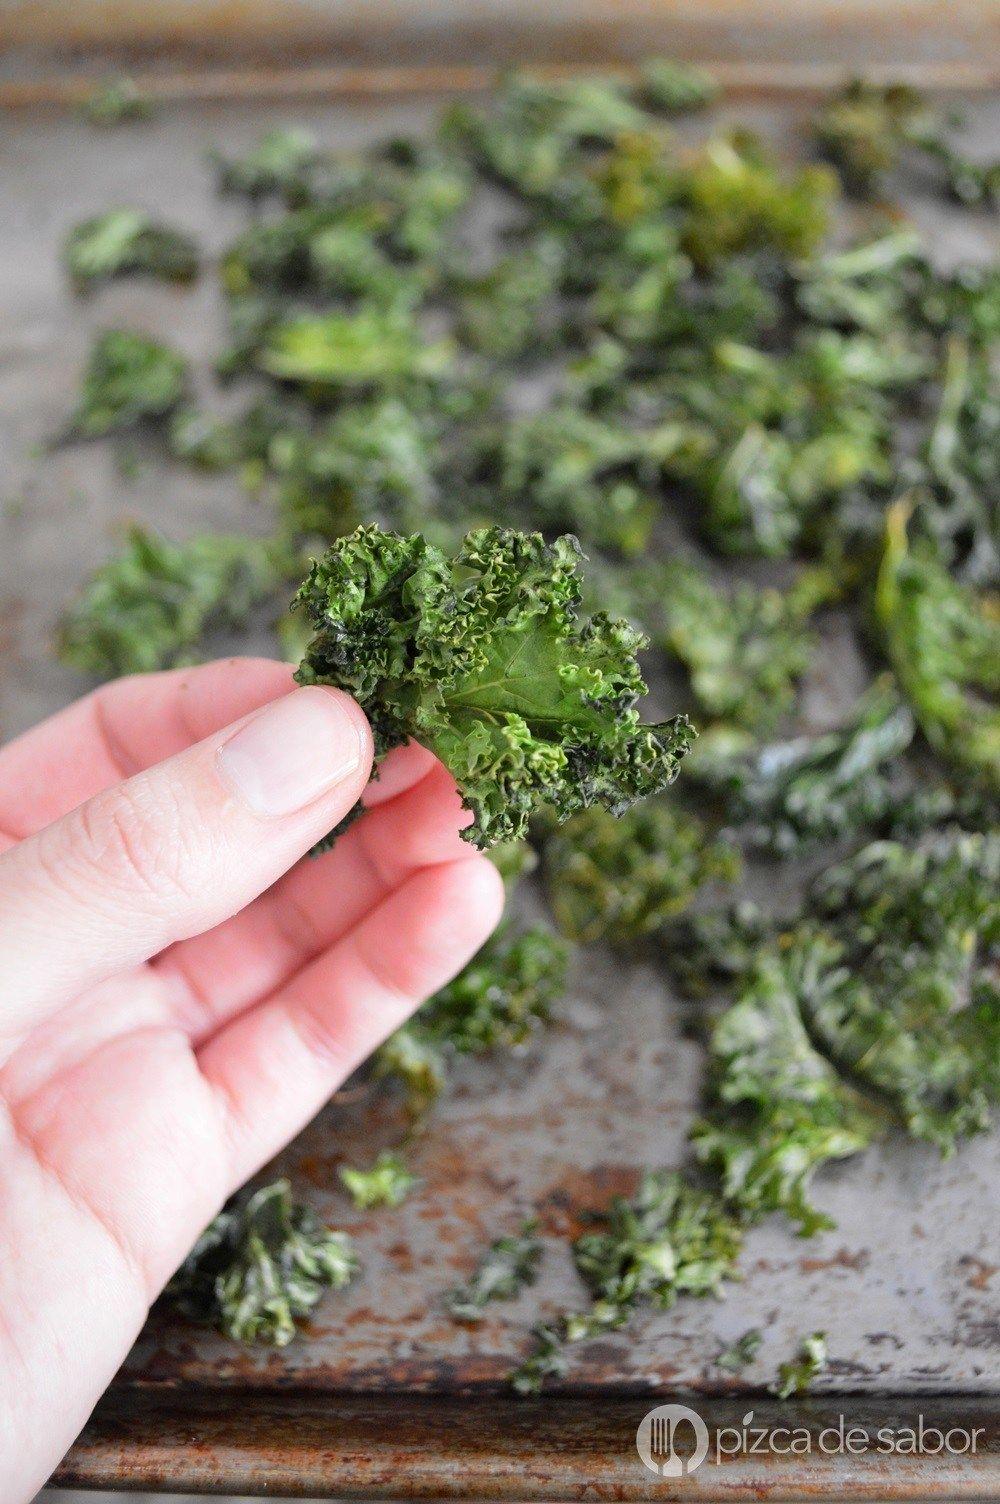 Cómo Hacer Chips De Kale O Col Berza Fácil Y Paso A Paso Receta Chips De Kale Como Hacer Chips Kale Recetas